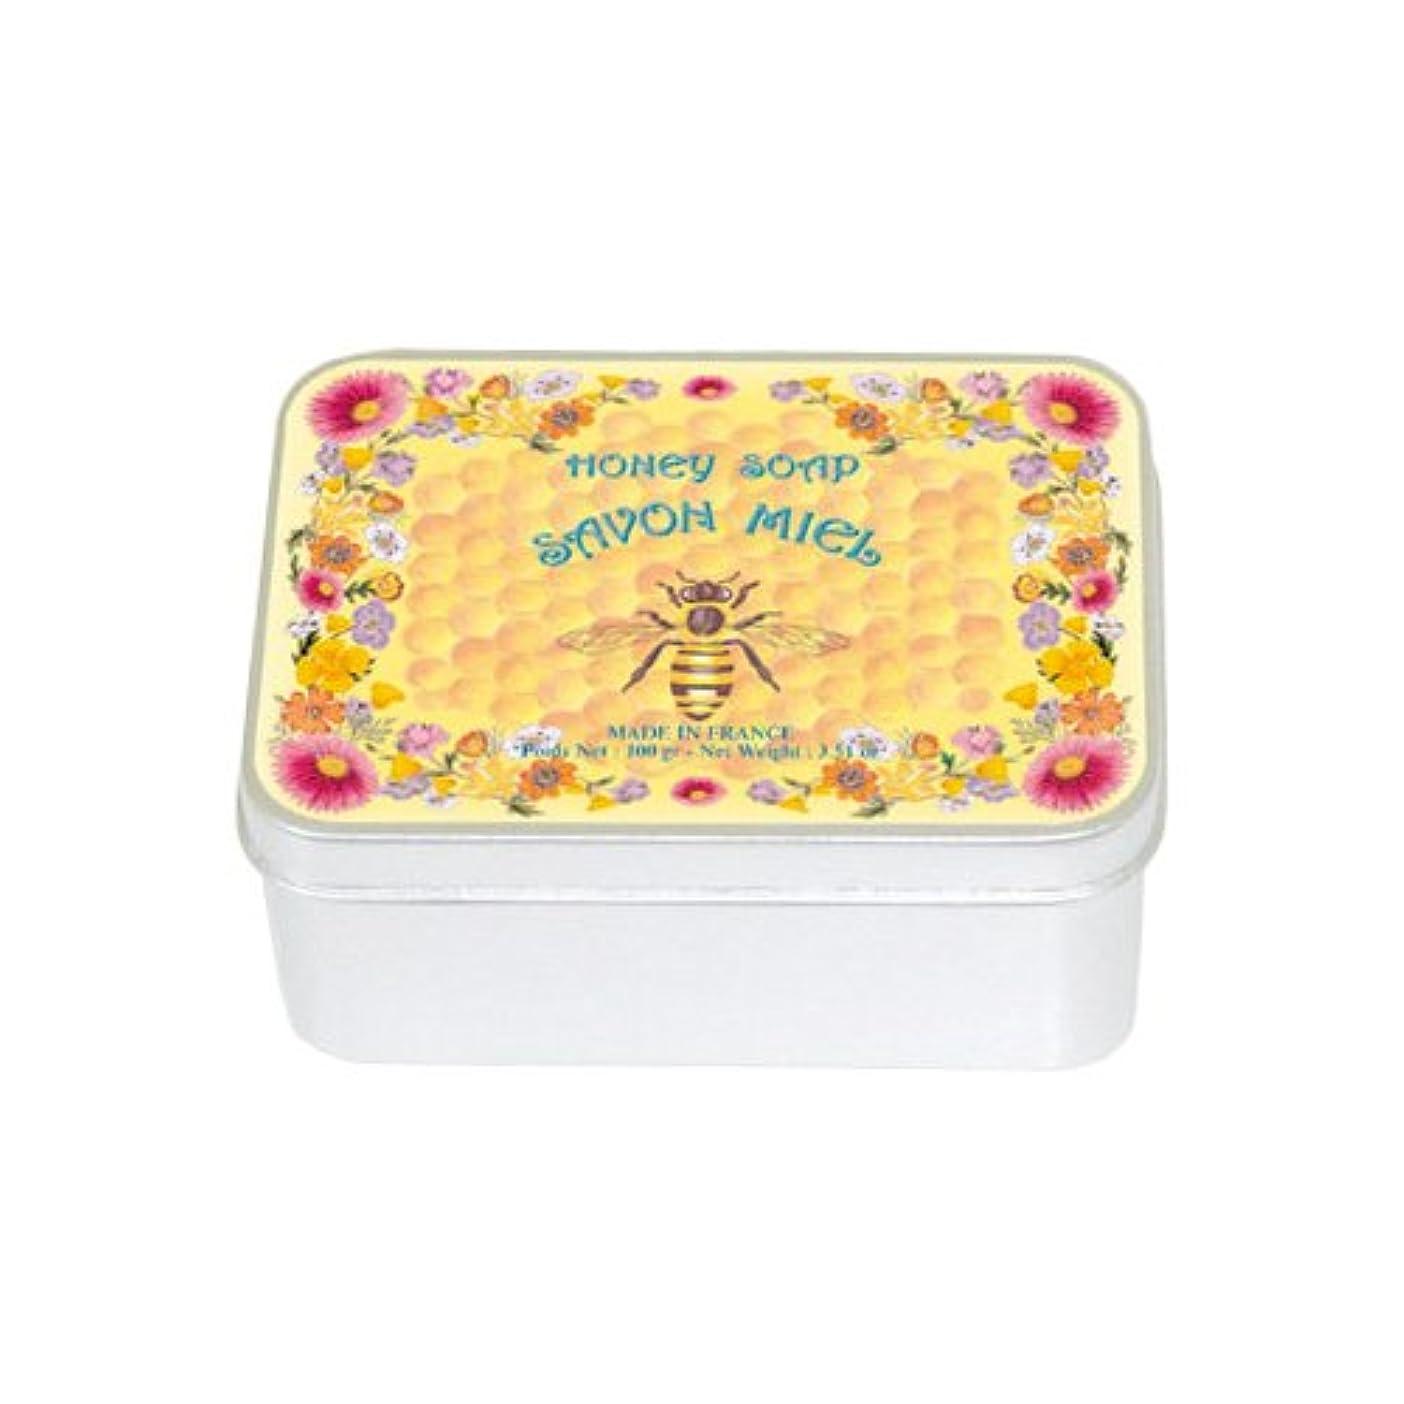 オープナーコンパス甘くするルブランソープ メタルボックス(ハチミツの香り)石鹸